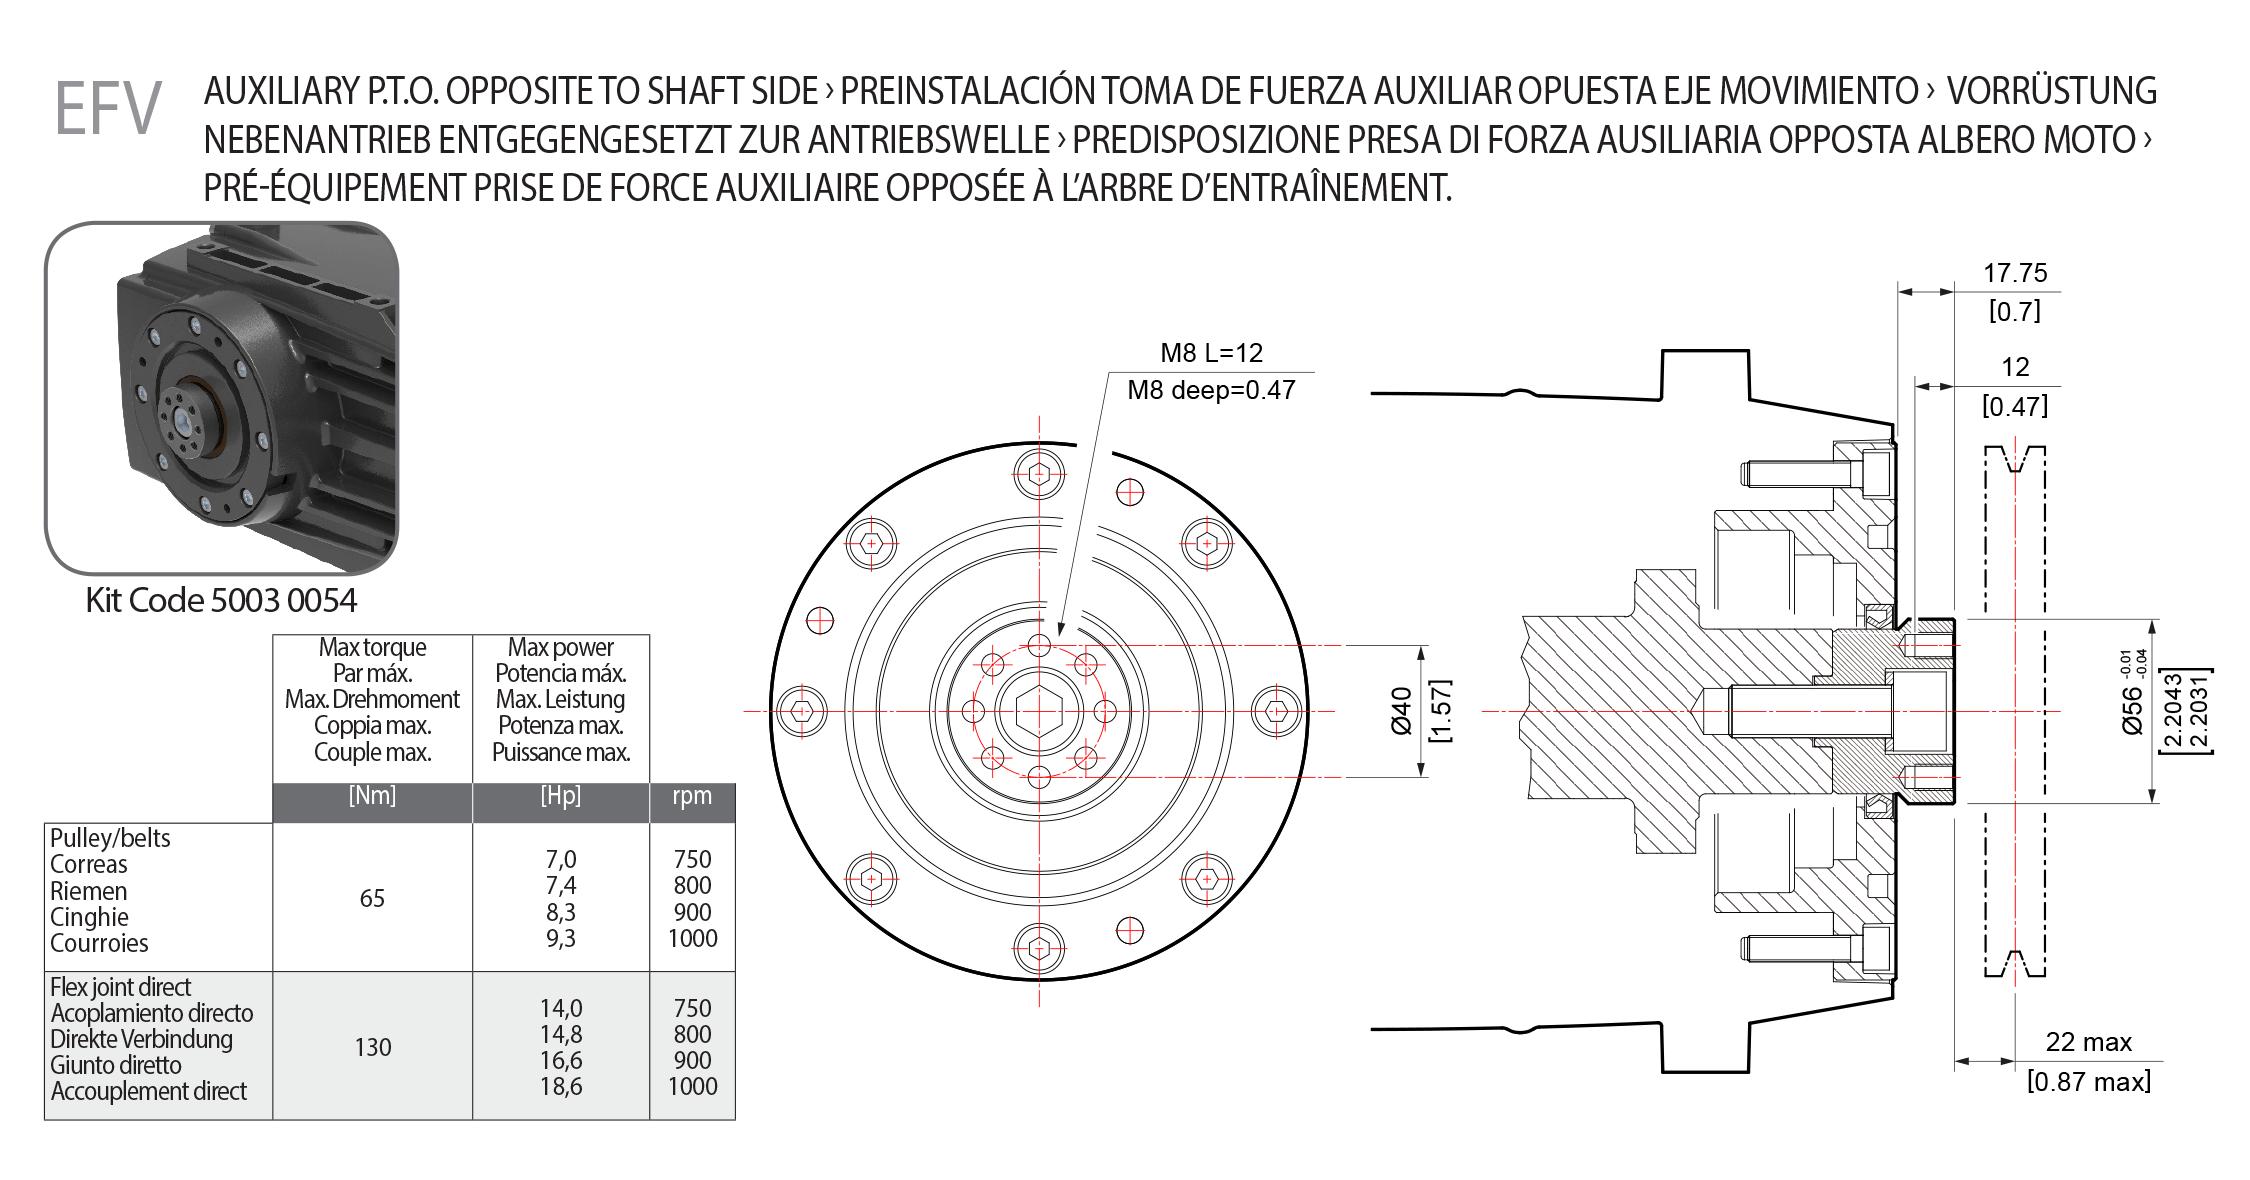 auxiliary efv hpp pumps